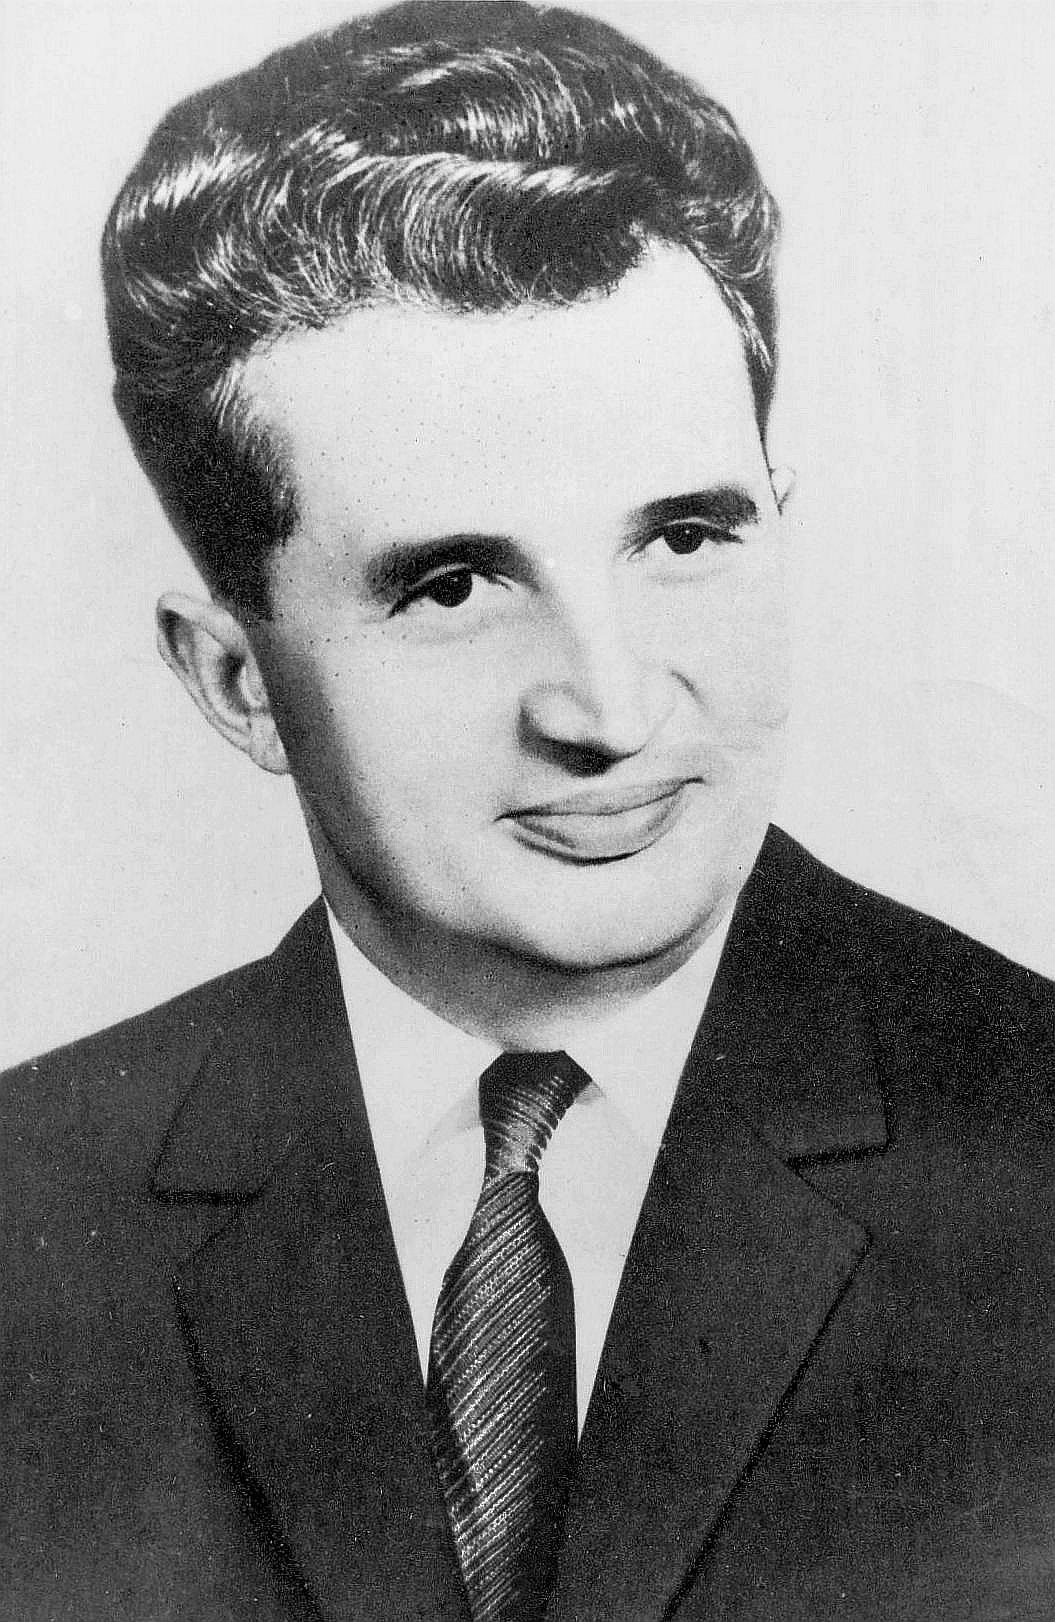 image of Nicolae Ceaușescu